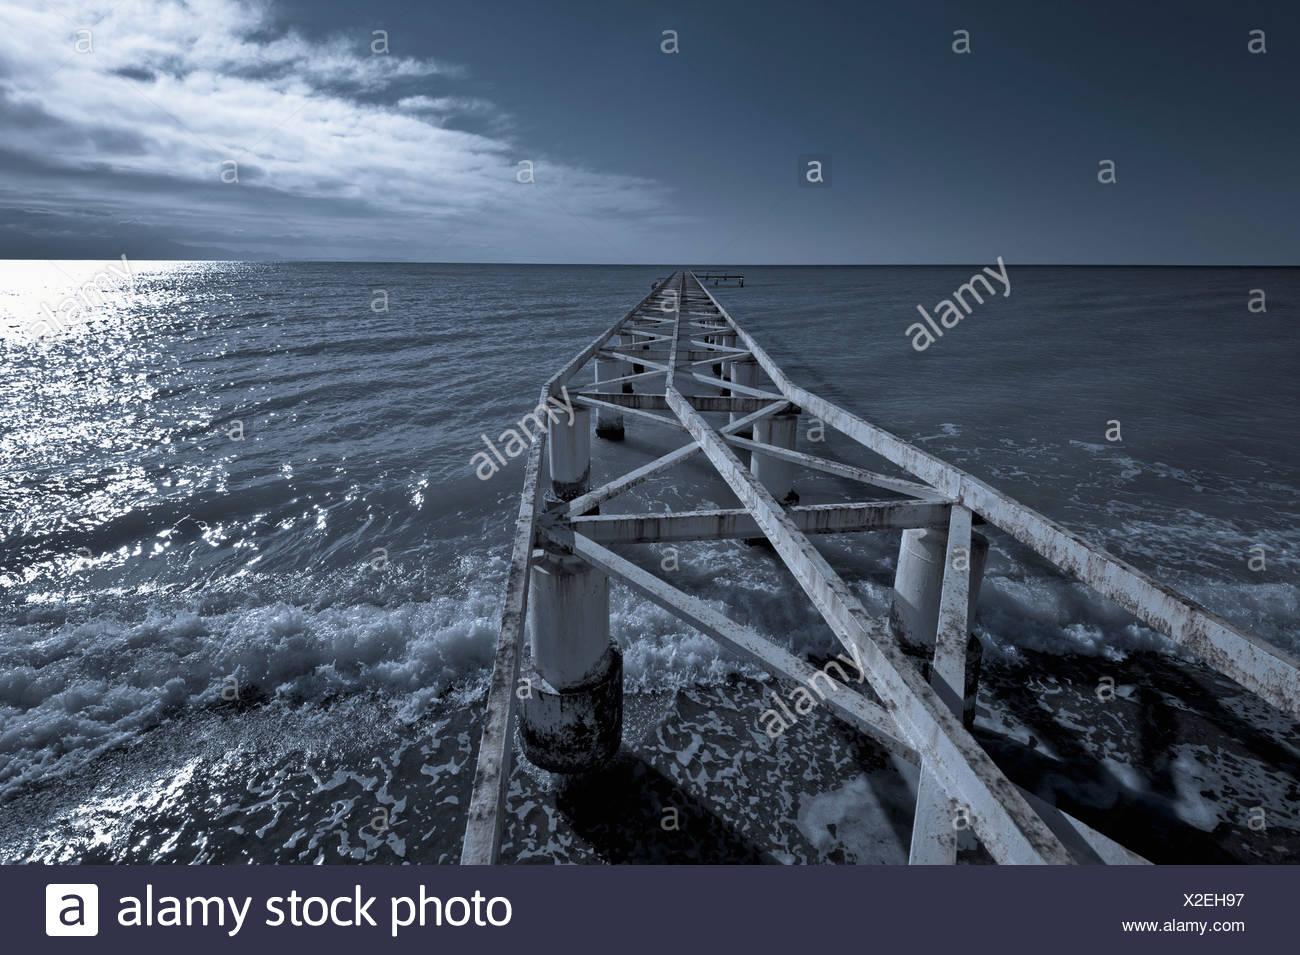 Turkey, Belek, View of rusty boat landing stage near sea - Stock Image